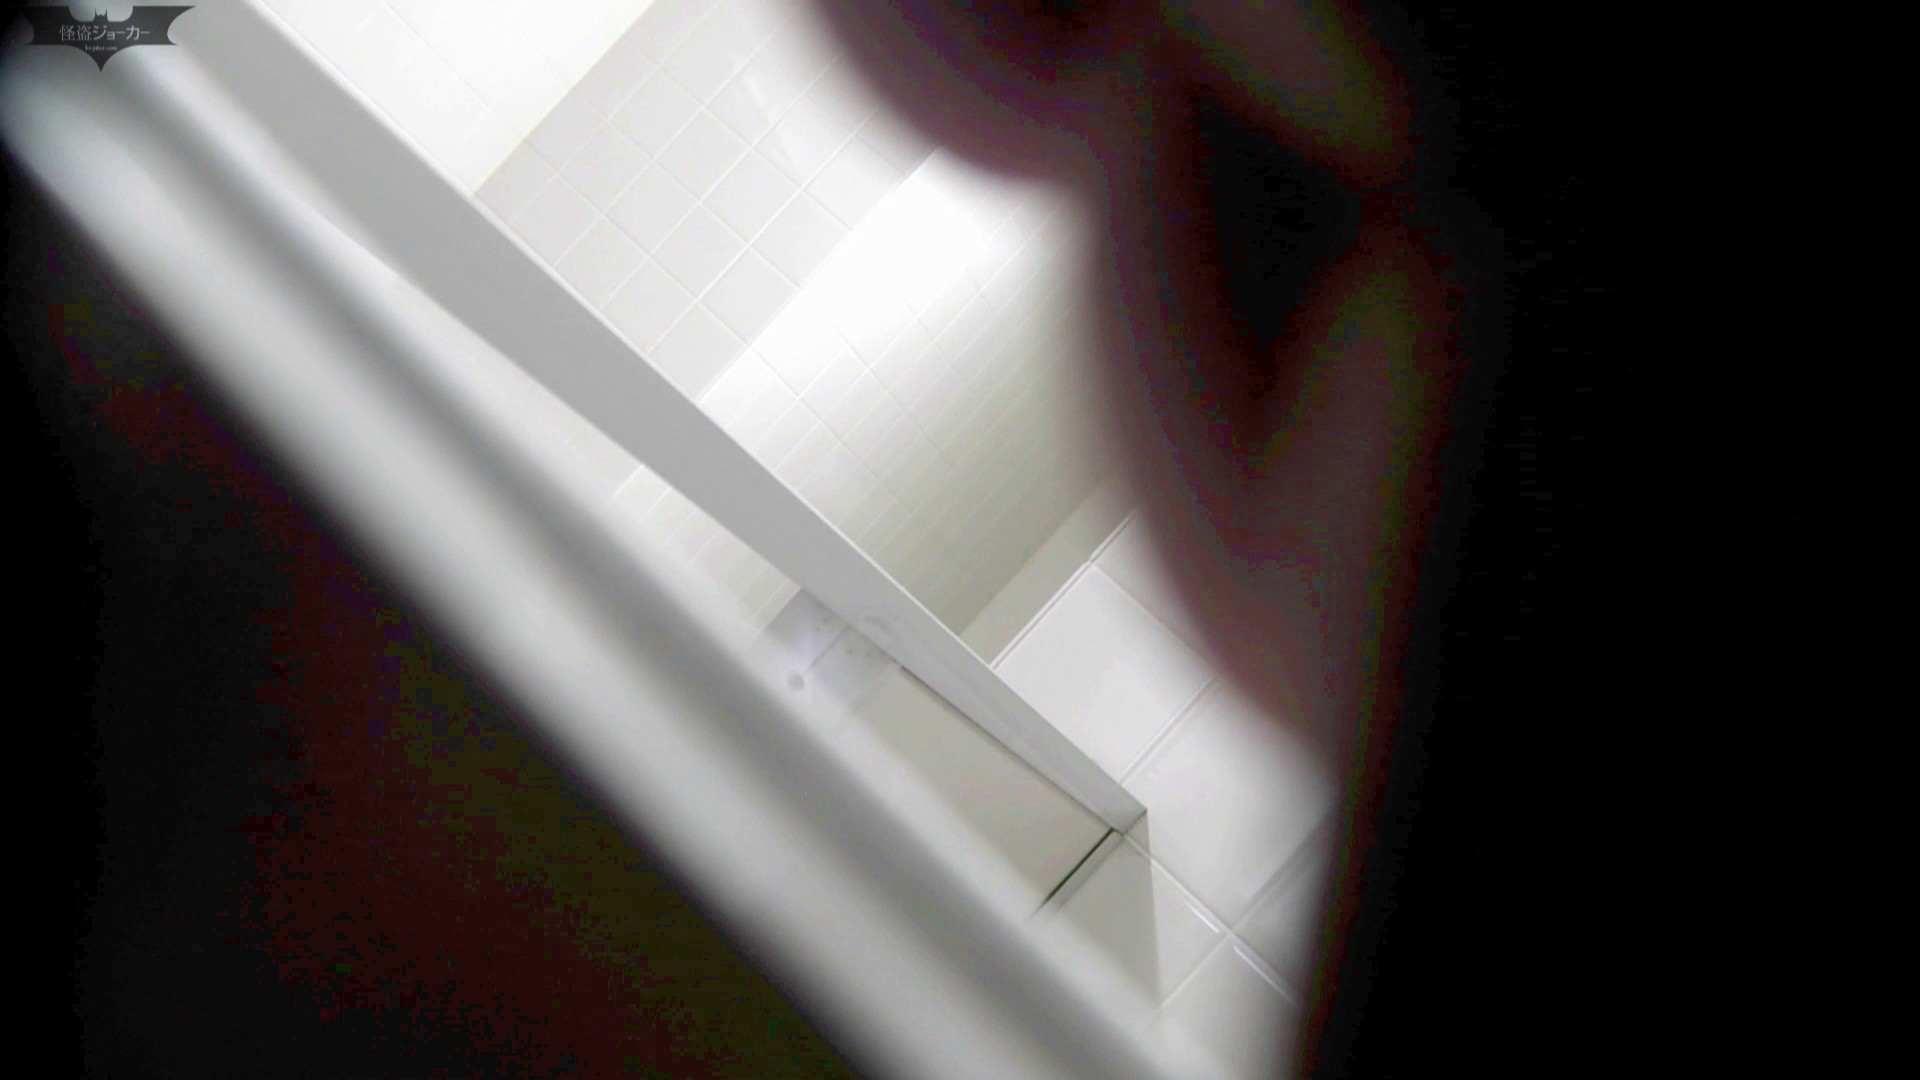 お銀 vol.68 無謀に通路に飛び出て一番明るいフロント撮り実現、見所満載 美人の裸体 おまんこ動画流出 77枚 76